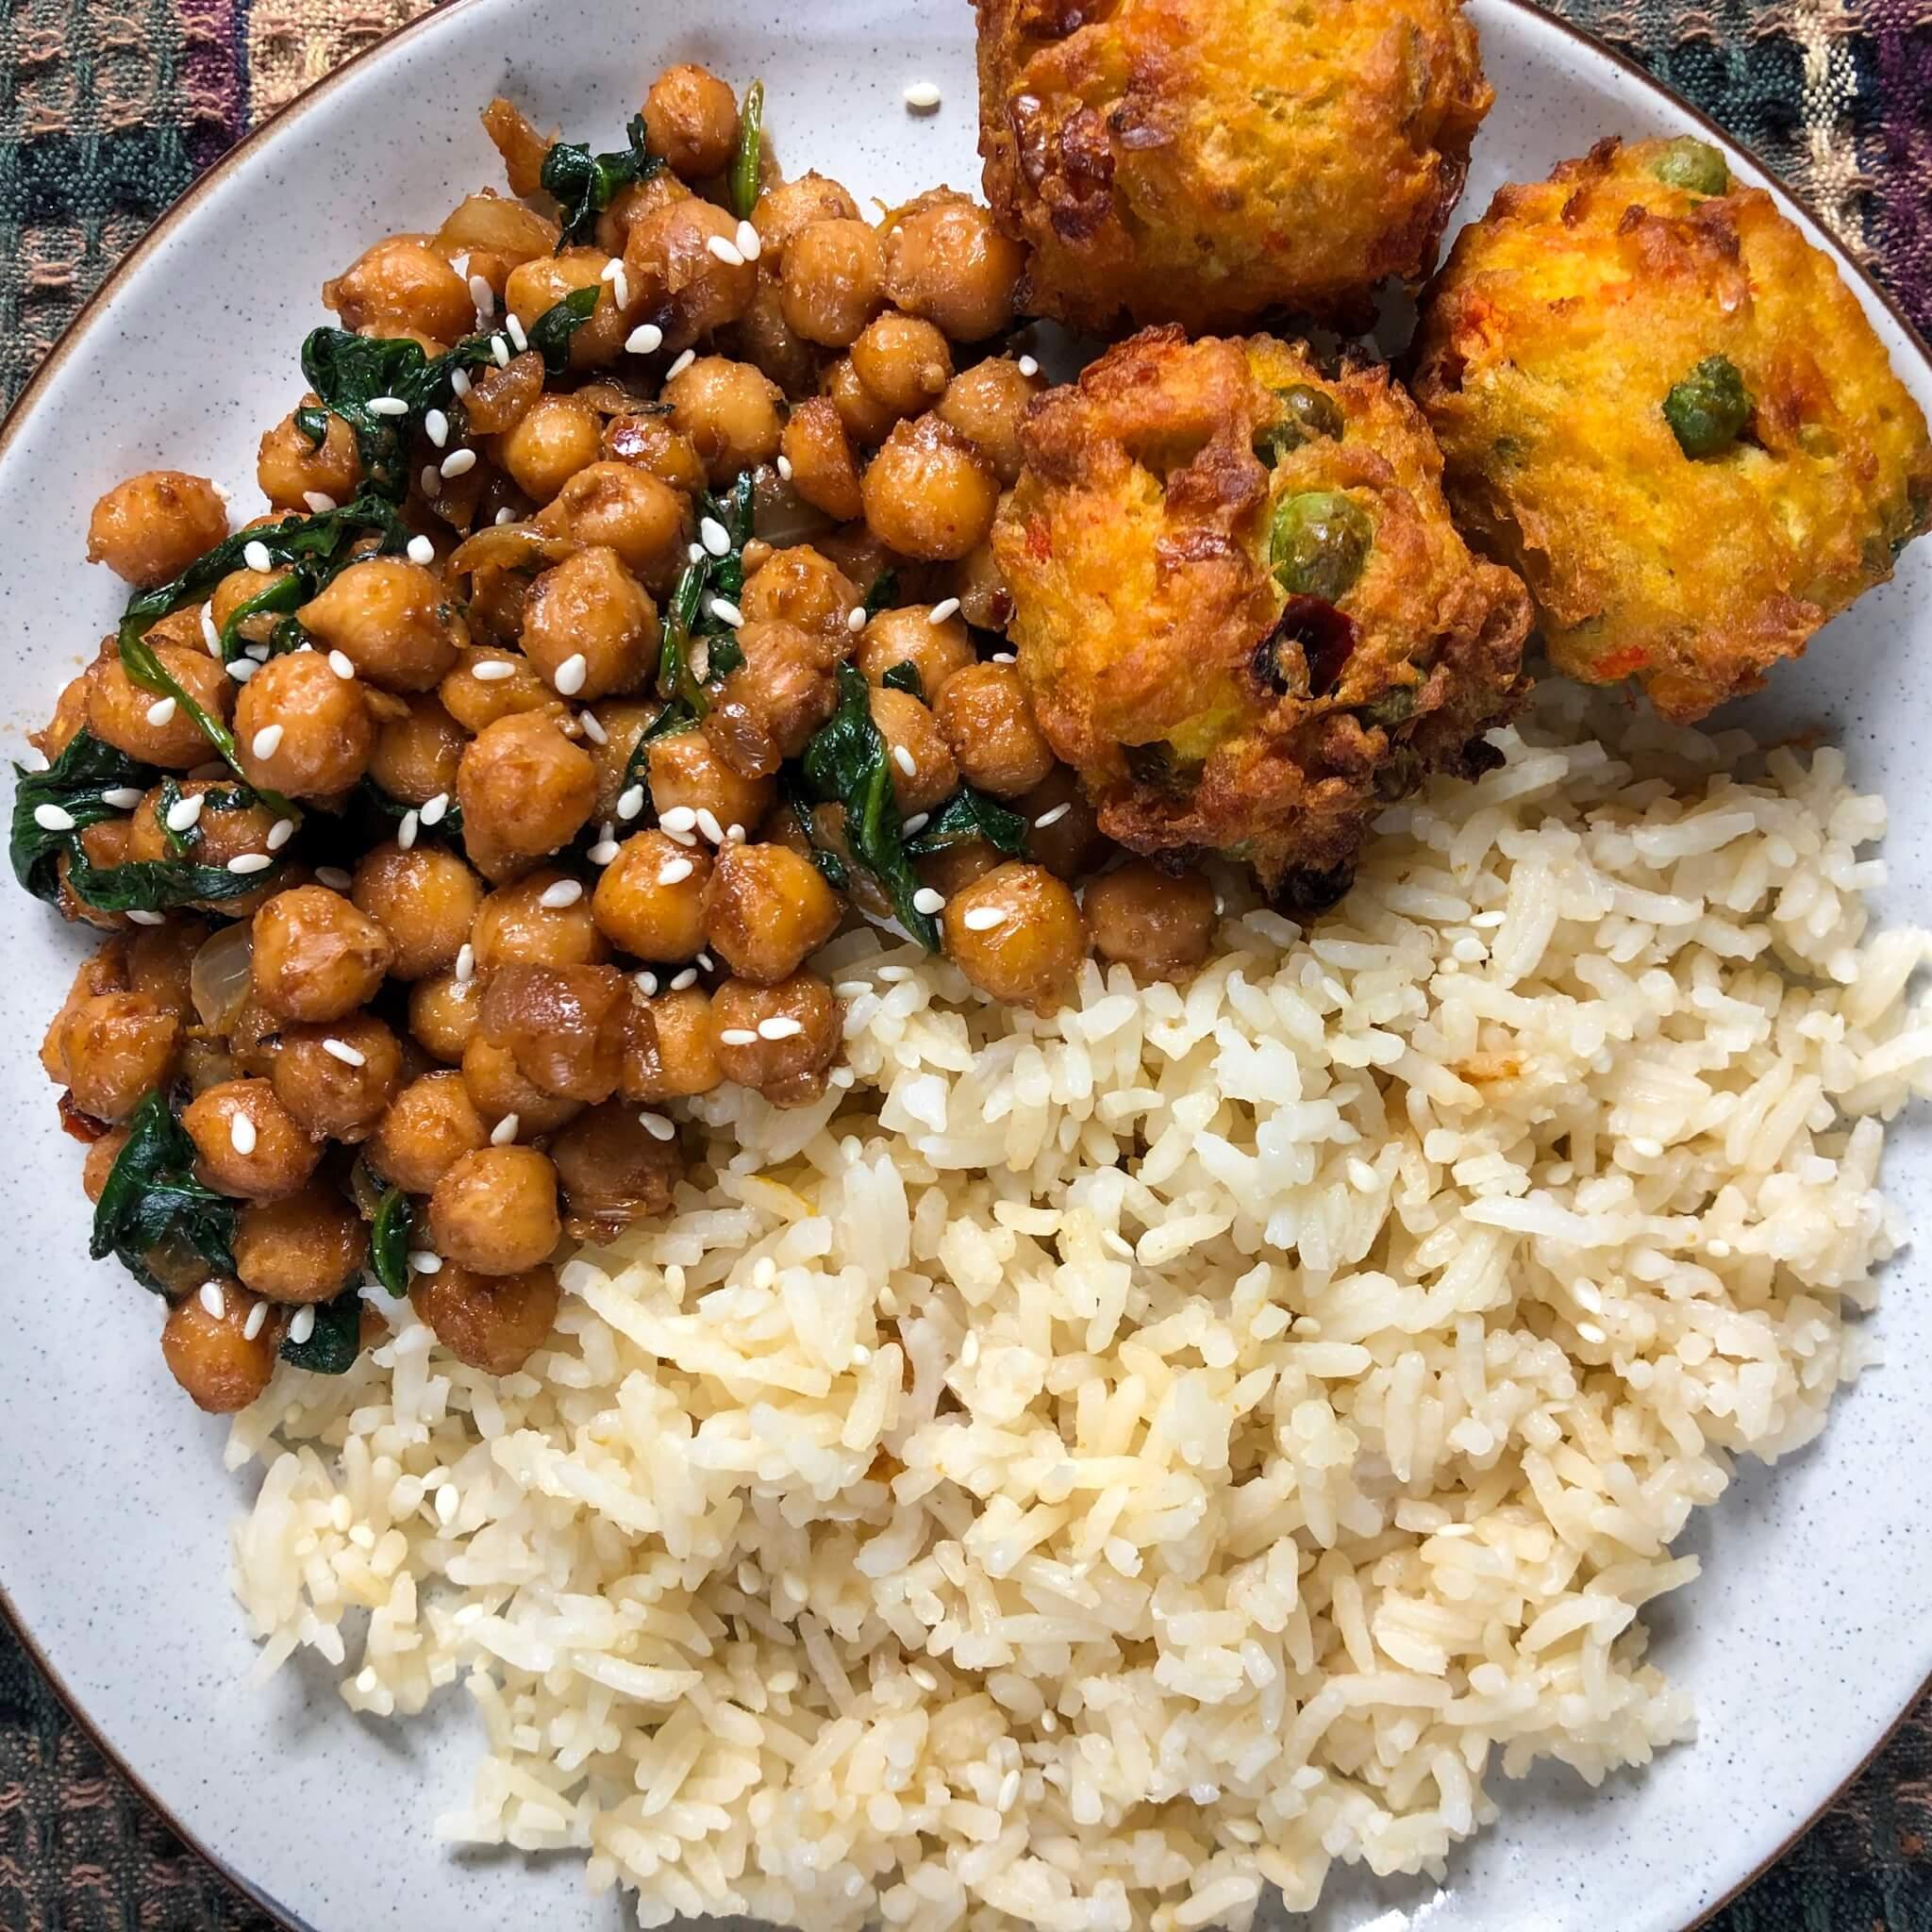 vegan peanut chickpeas with rice and pakora